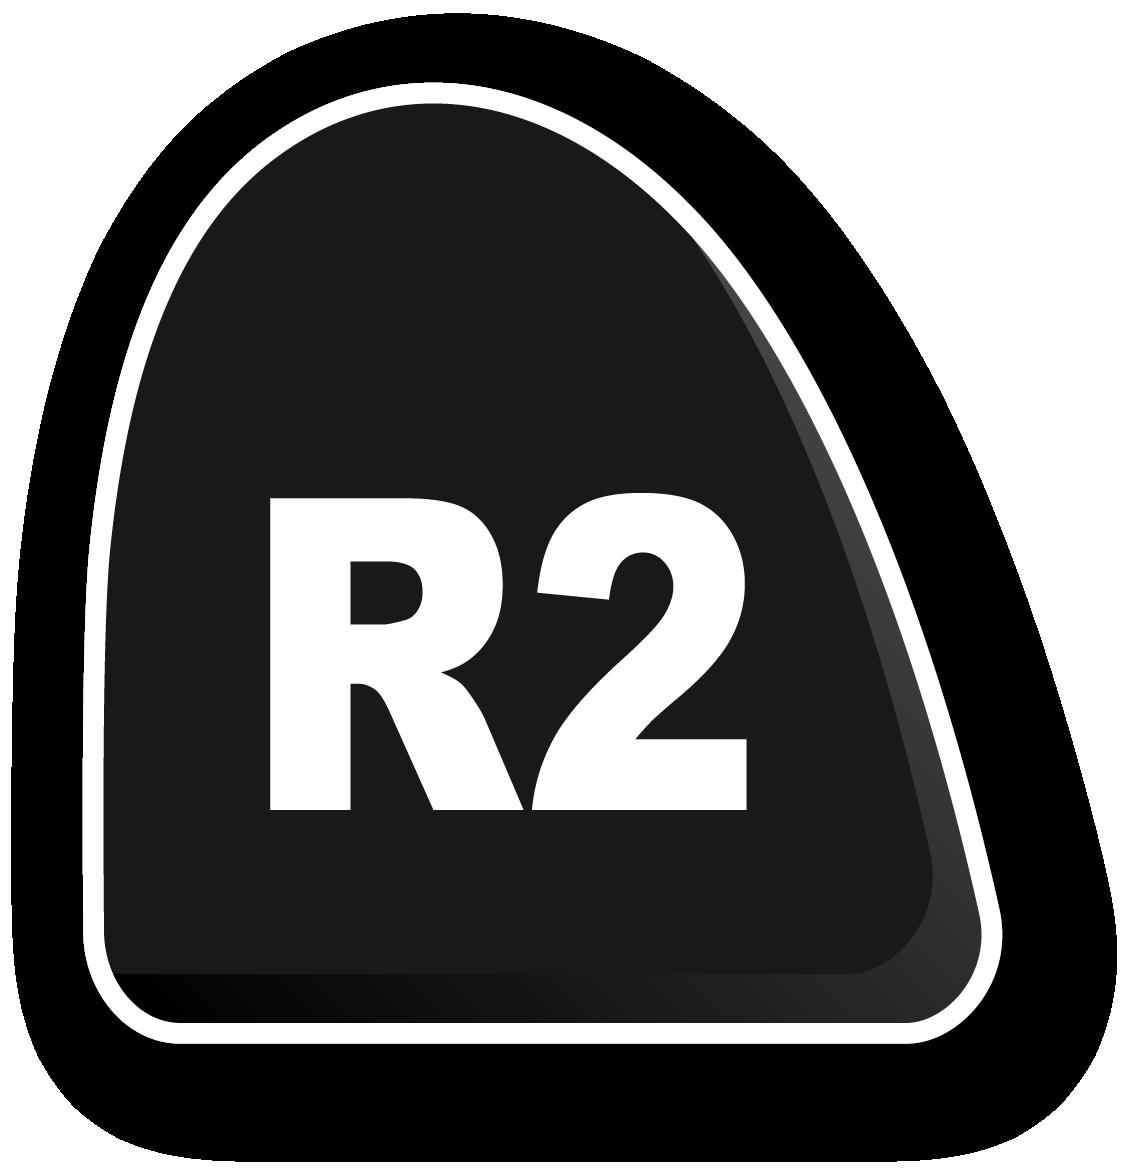 PS R2